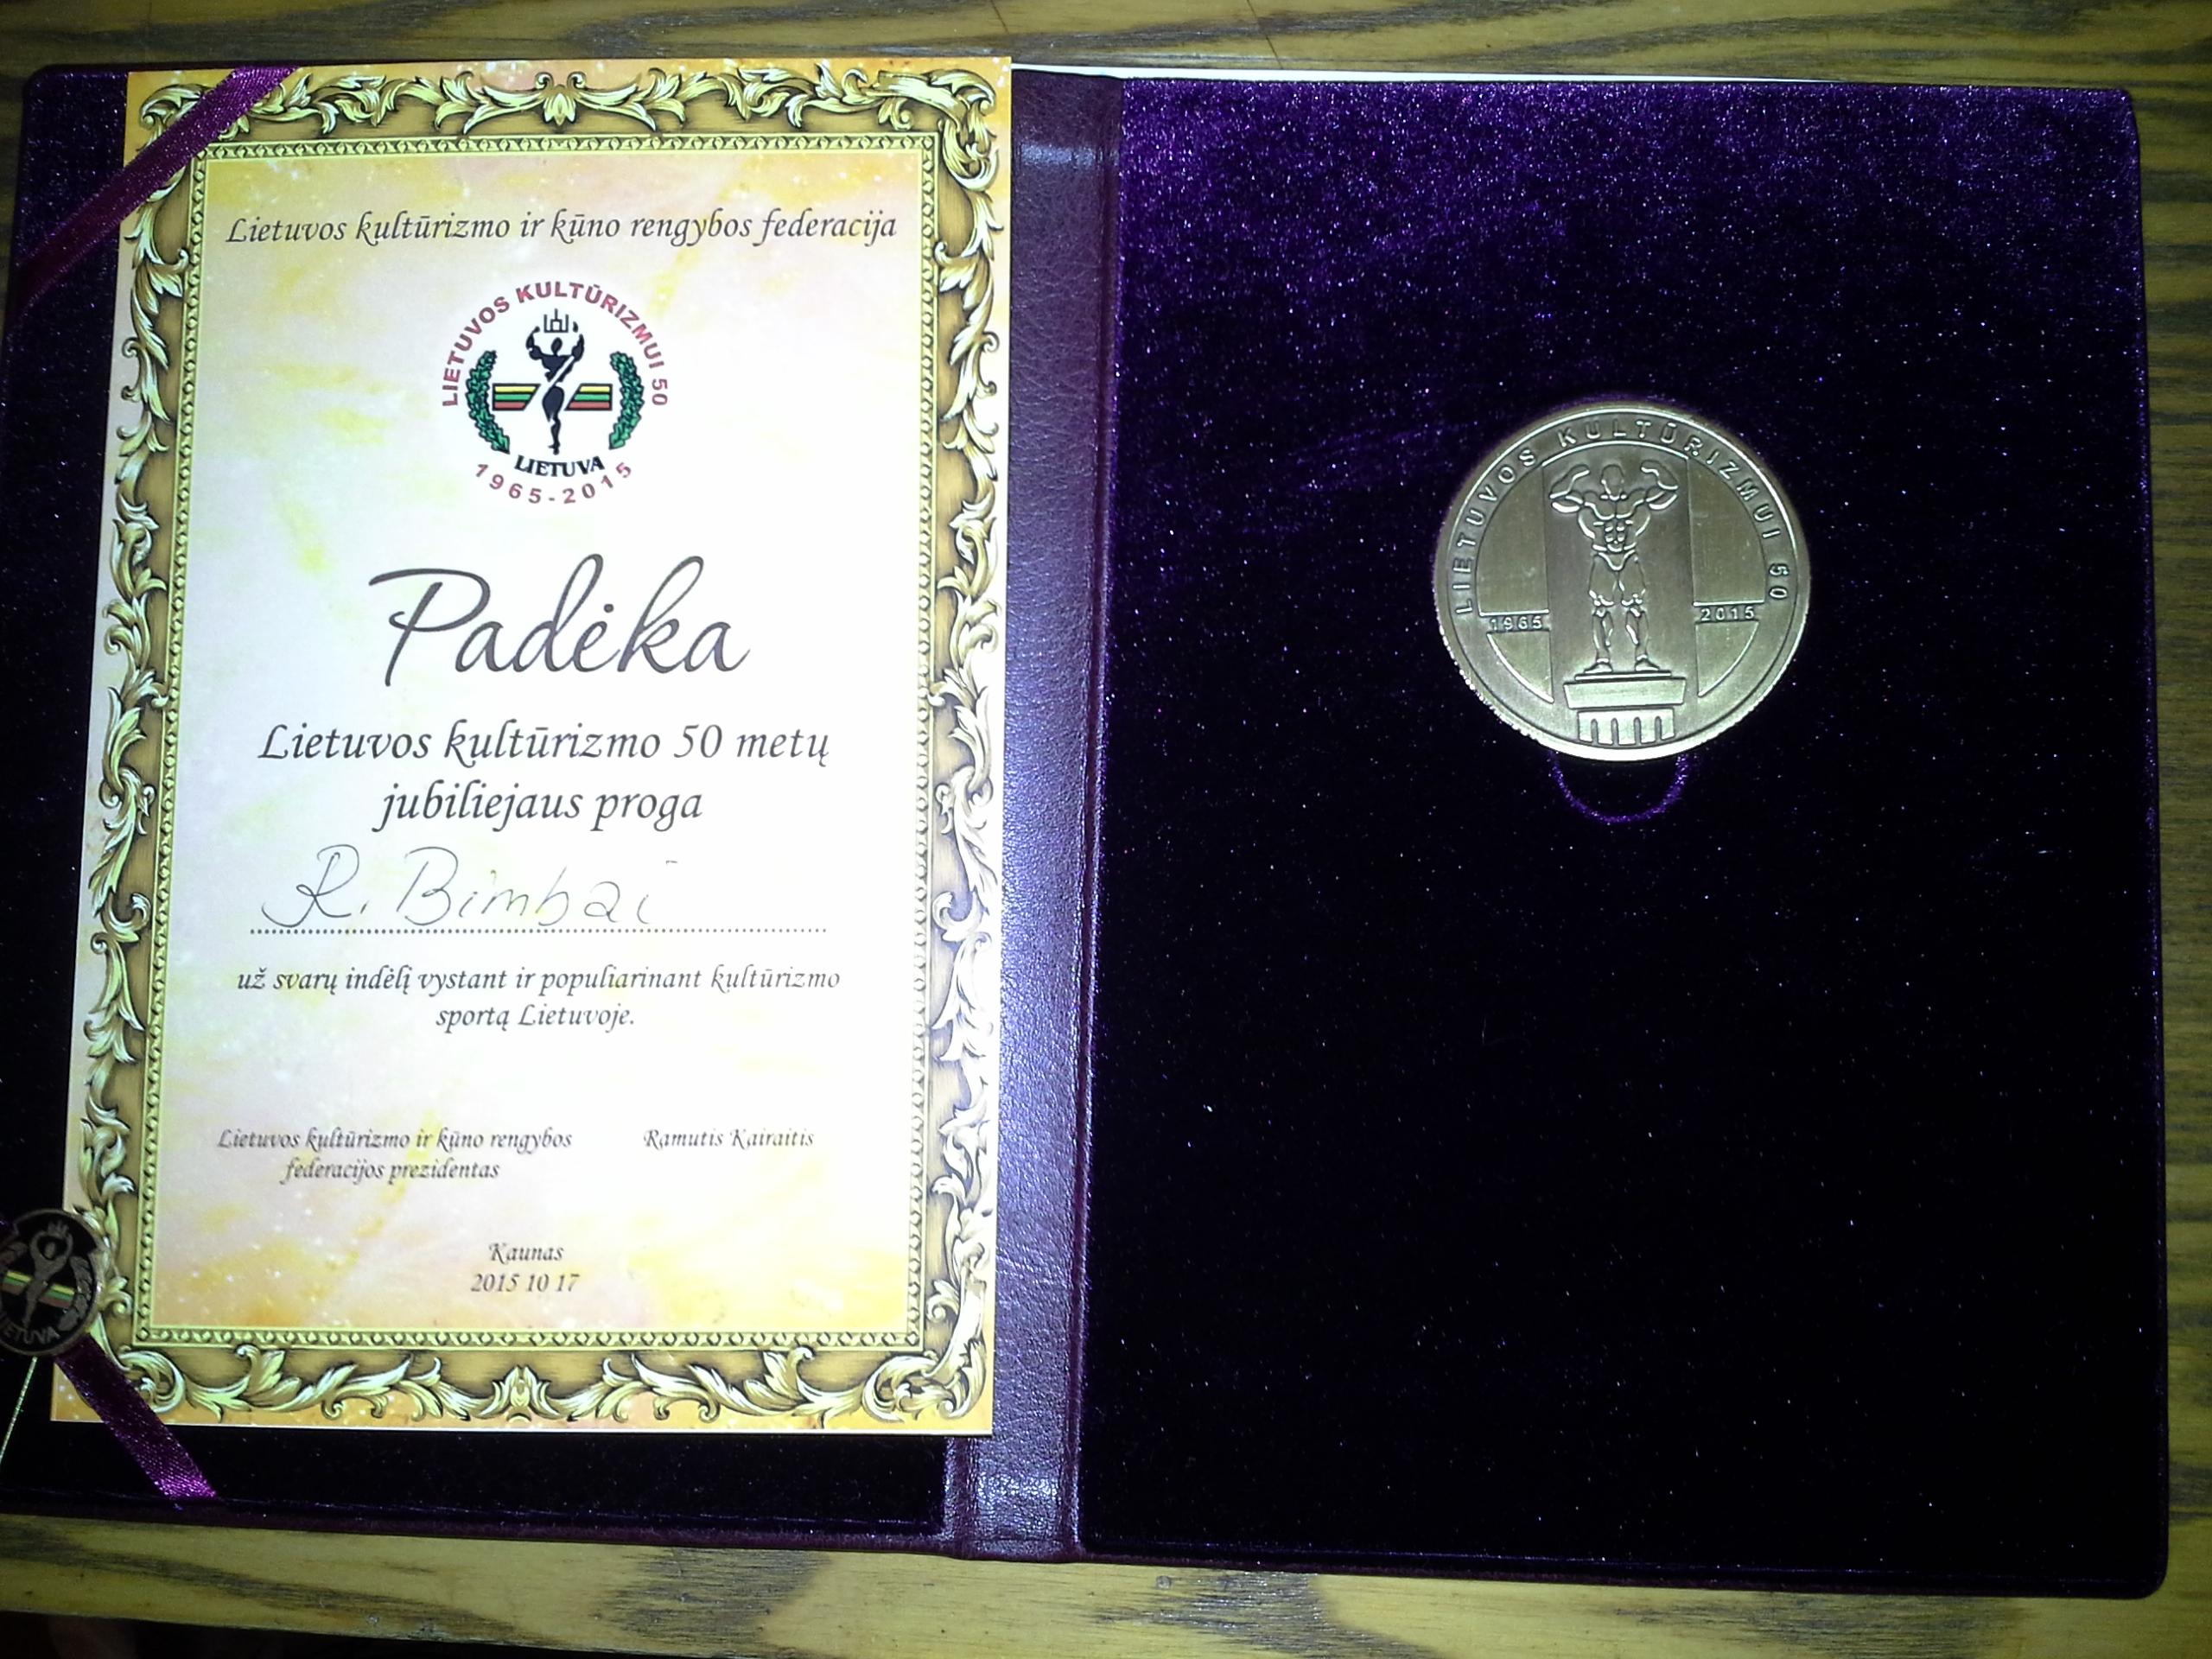 Padeka_rbimbai_50